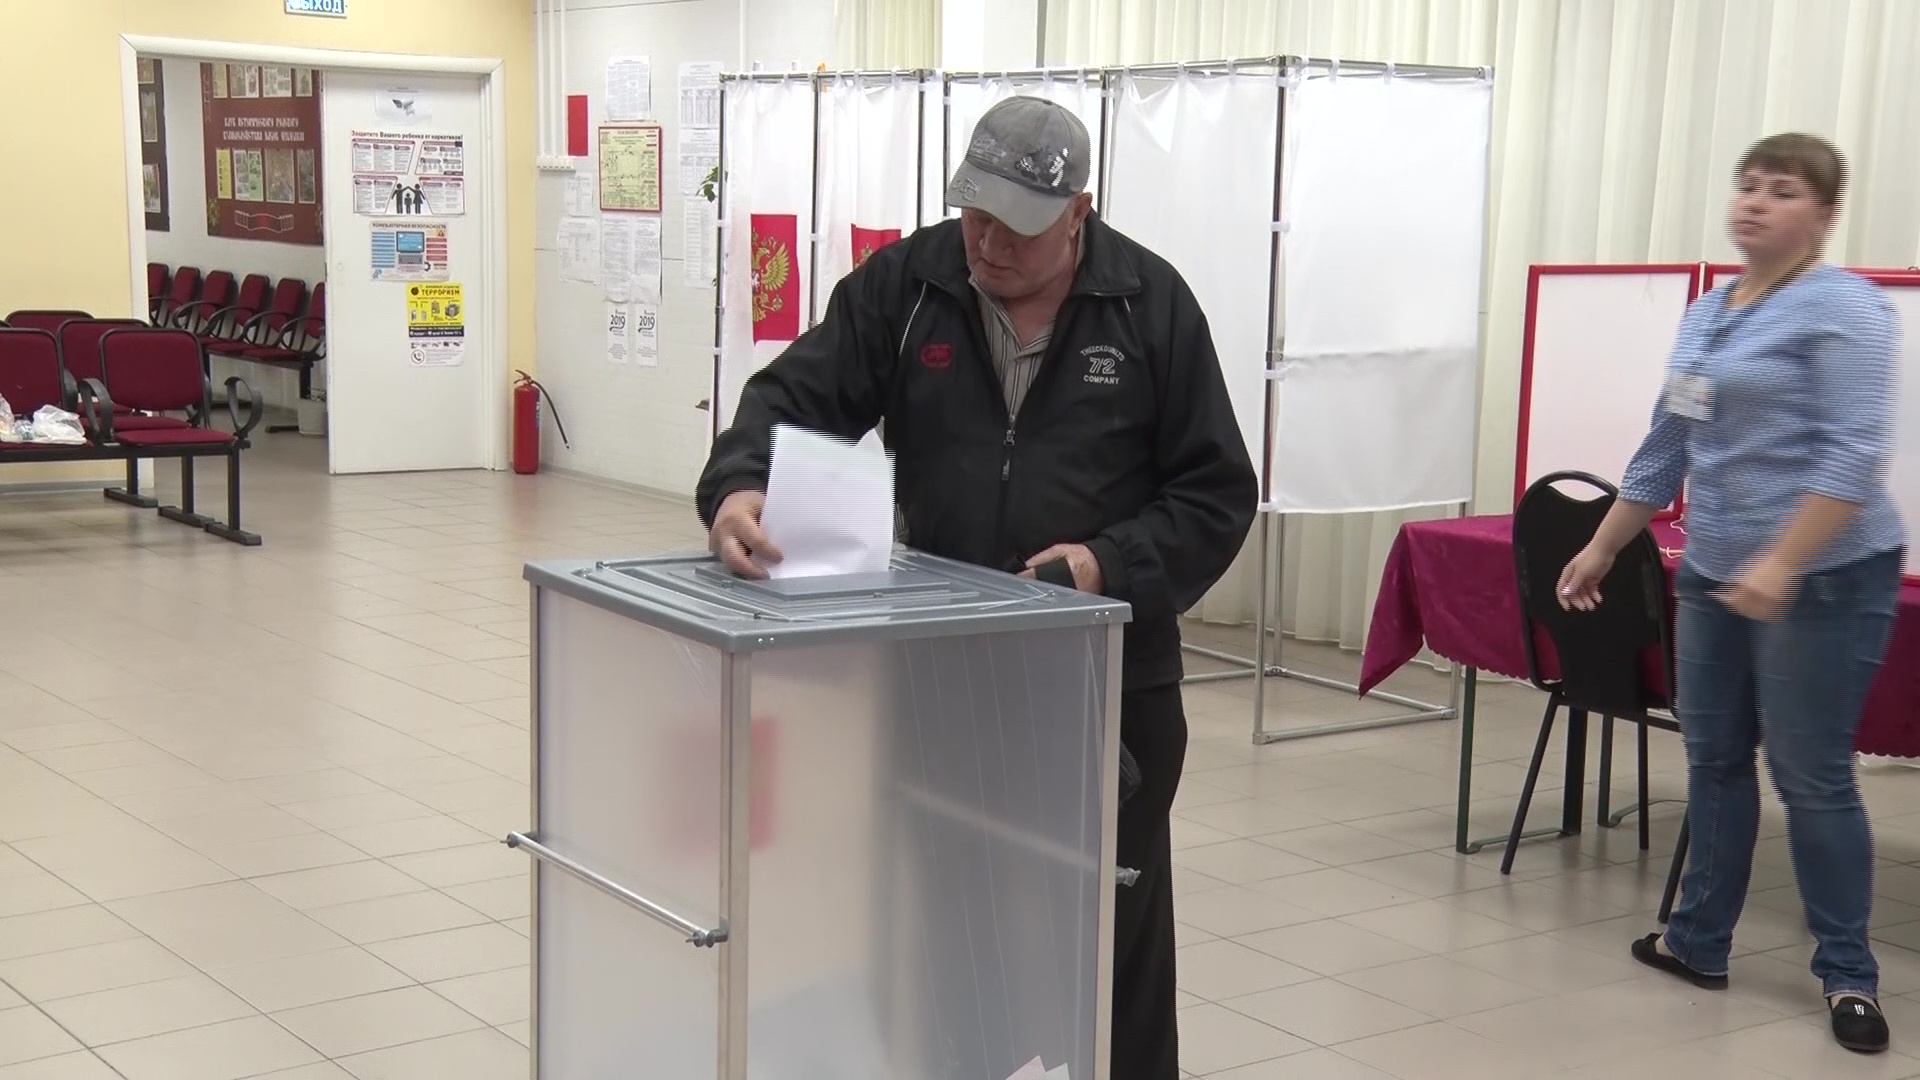 Ярославцы могут проголосовать по изменениям в Конституцию по месту нахождения: куда подать заявление